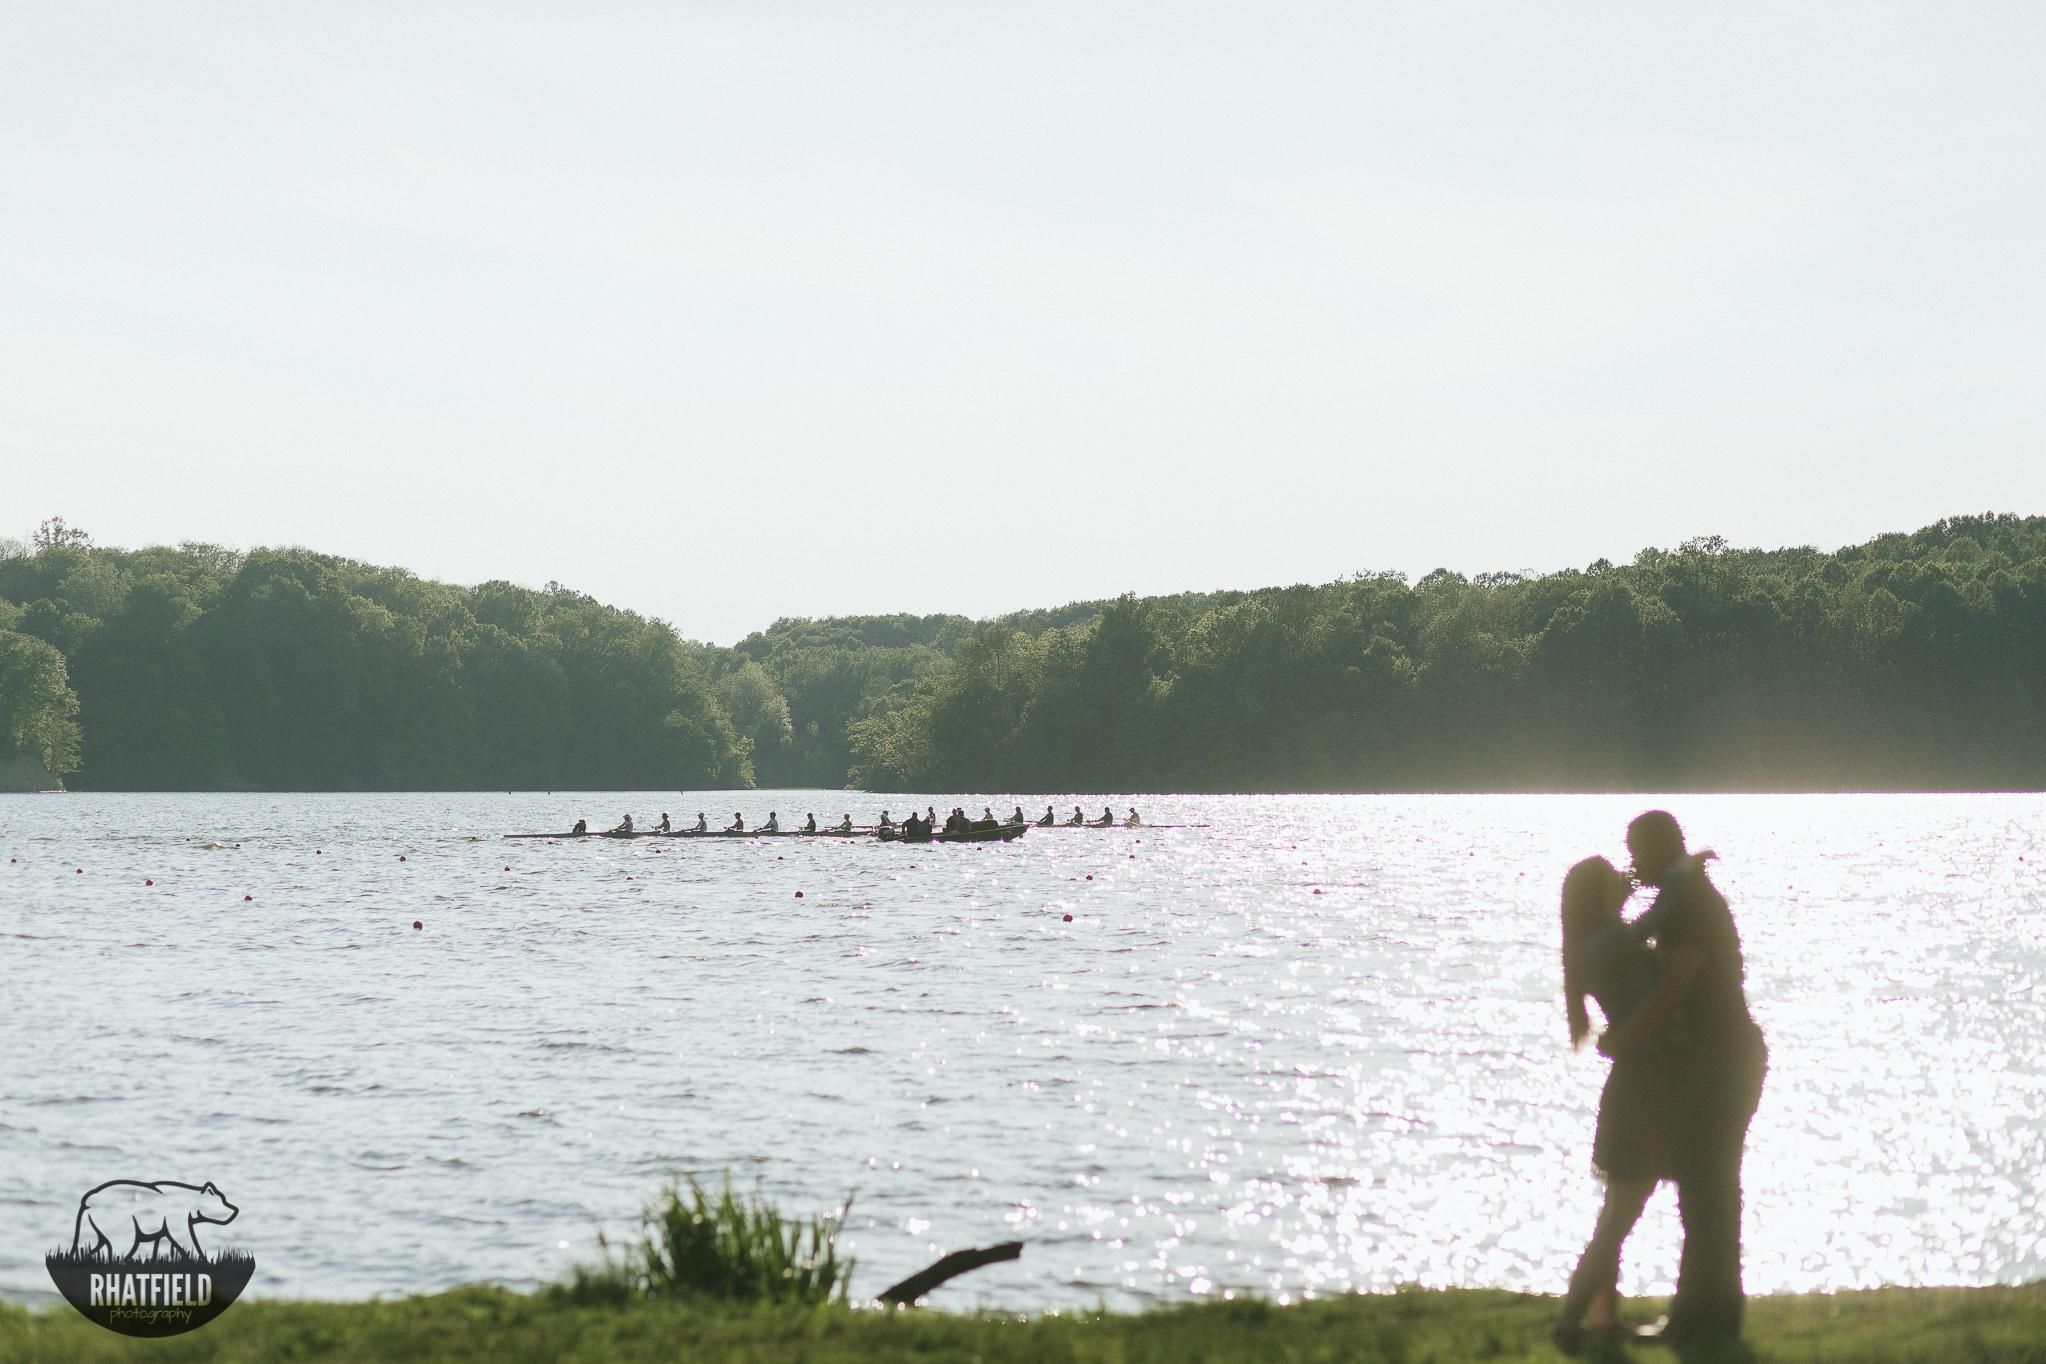 kissing-row-team-lake-silhouette